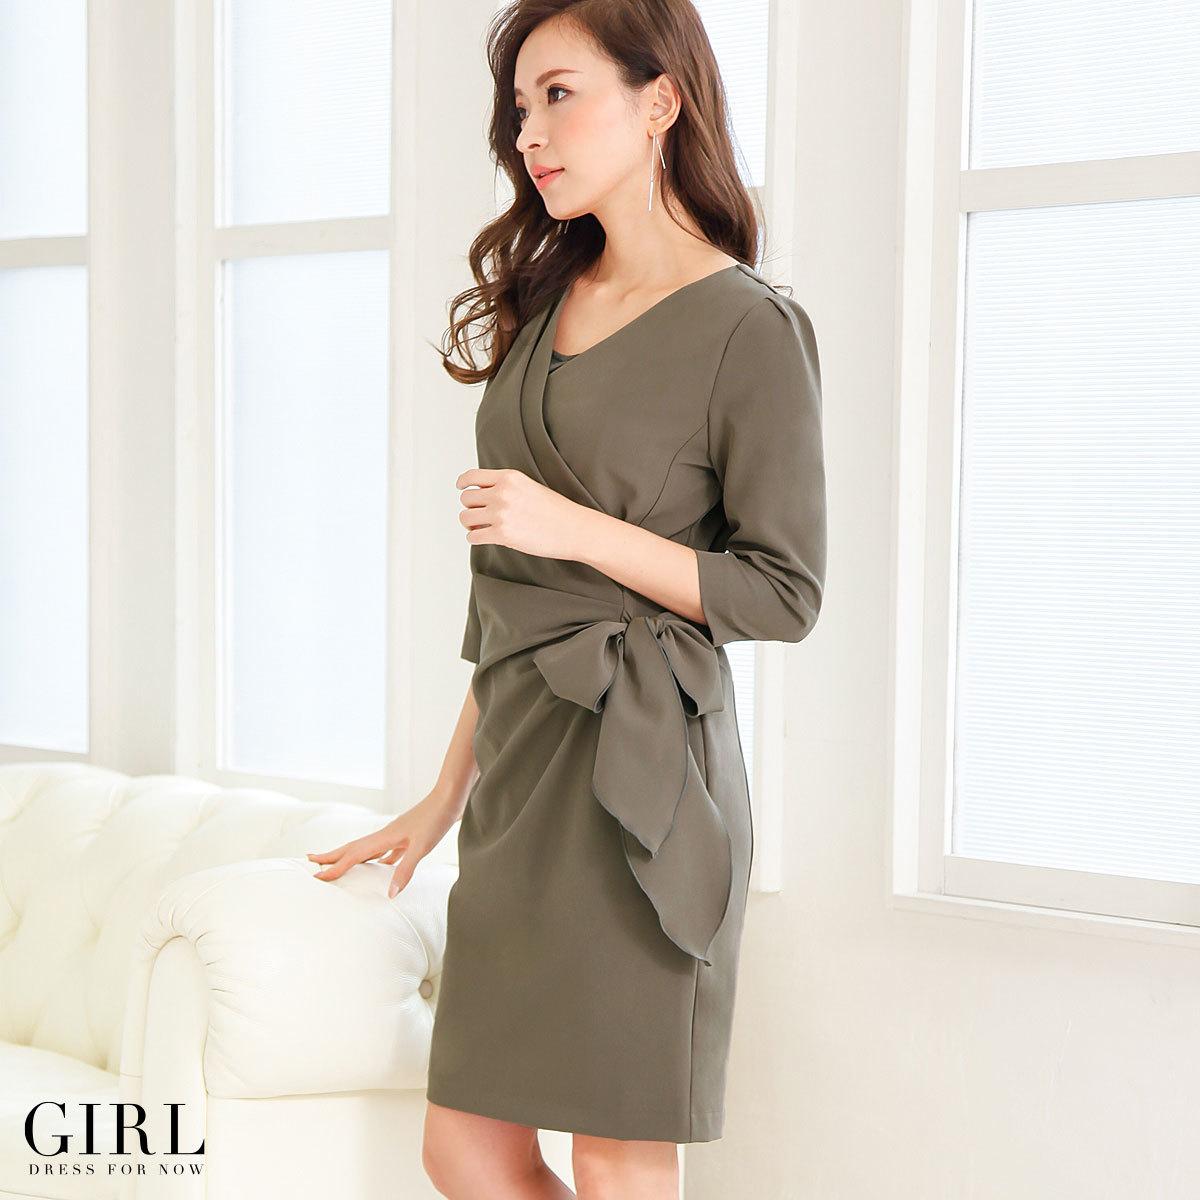 ローレンドレス・曲線美を強調・七分袖丈・サイドリボン